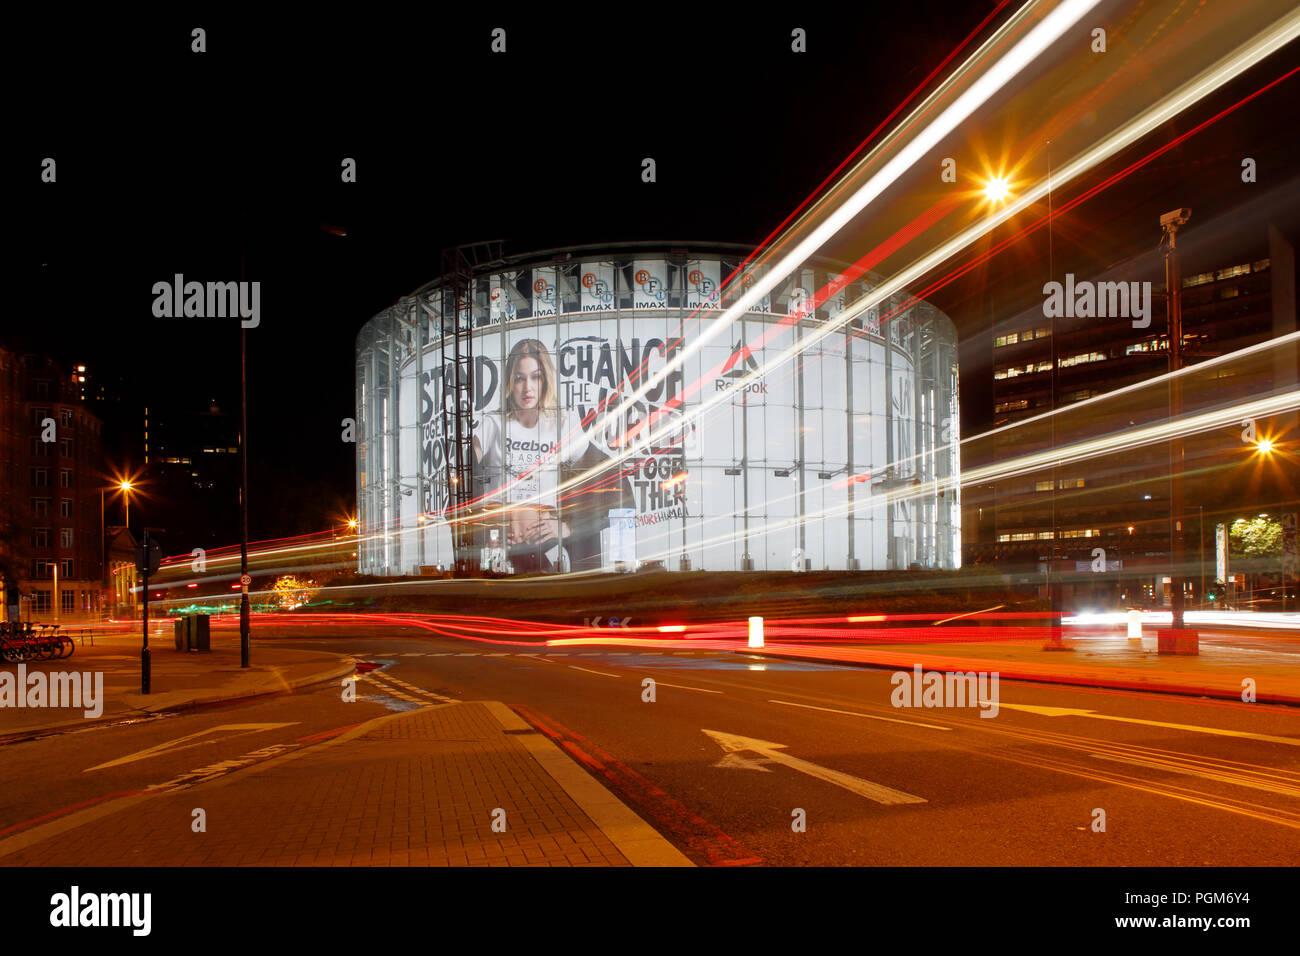 BFI London IMAX-Kino bei Waterloo, fotografiert in der Nacht, Langzeitbelichtung, die gehören leichte Wanderwege durch Durchgangsverkehr. Stockbild